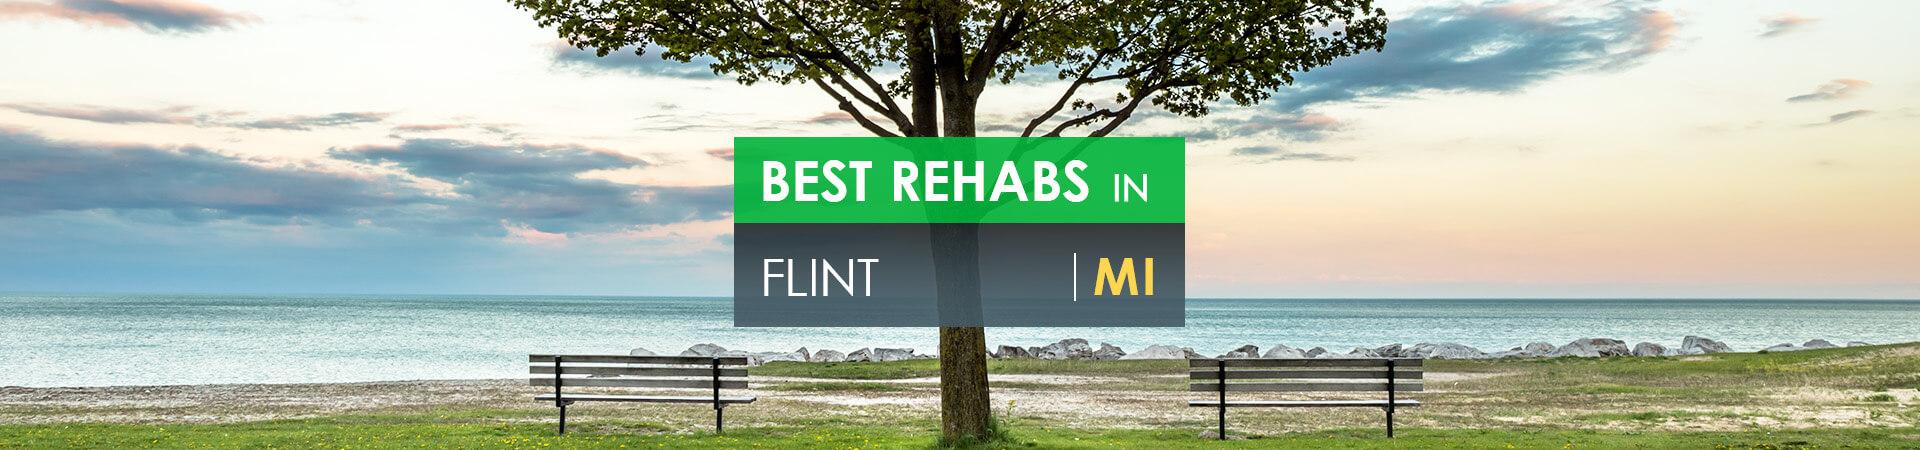 Best rehabs in Flint, MI